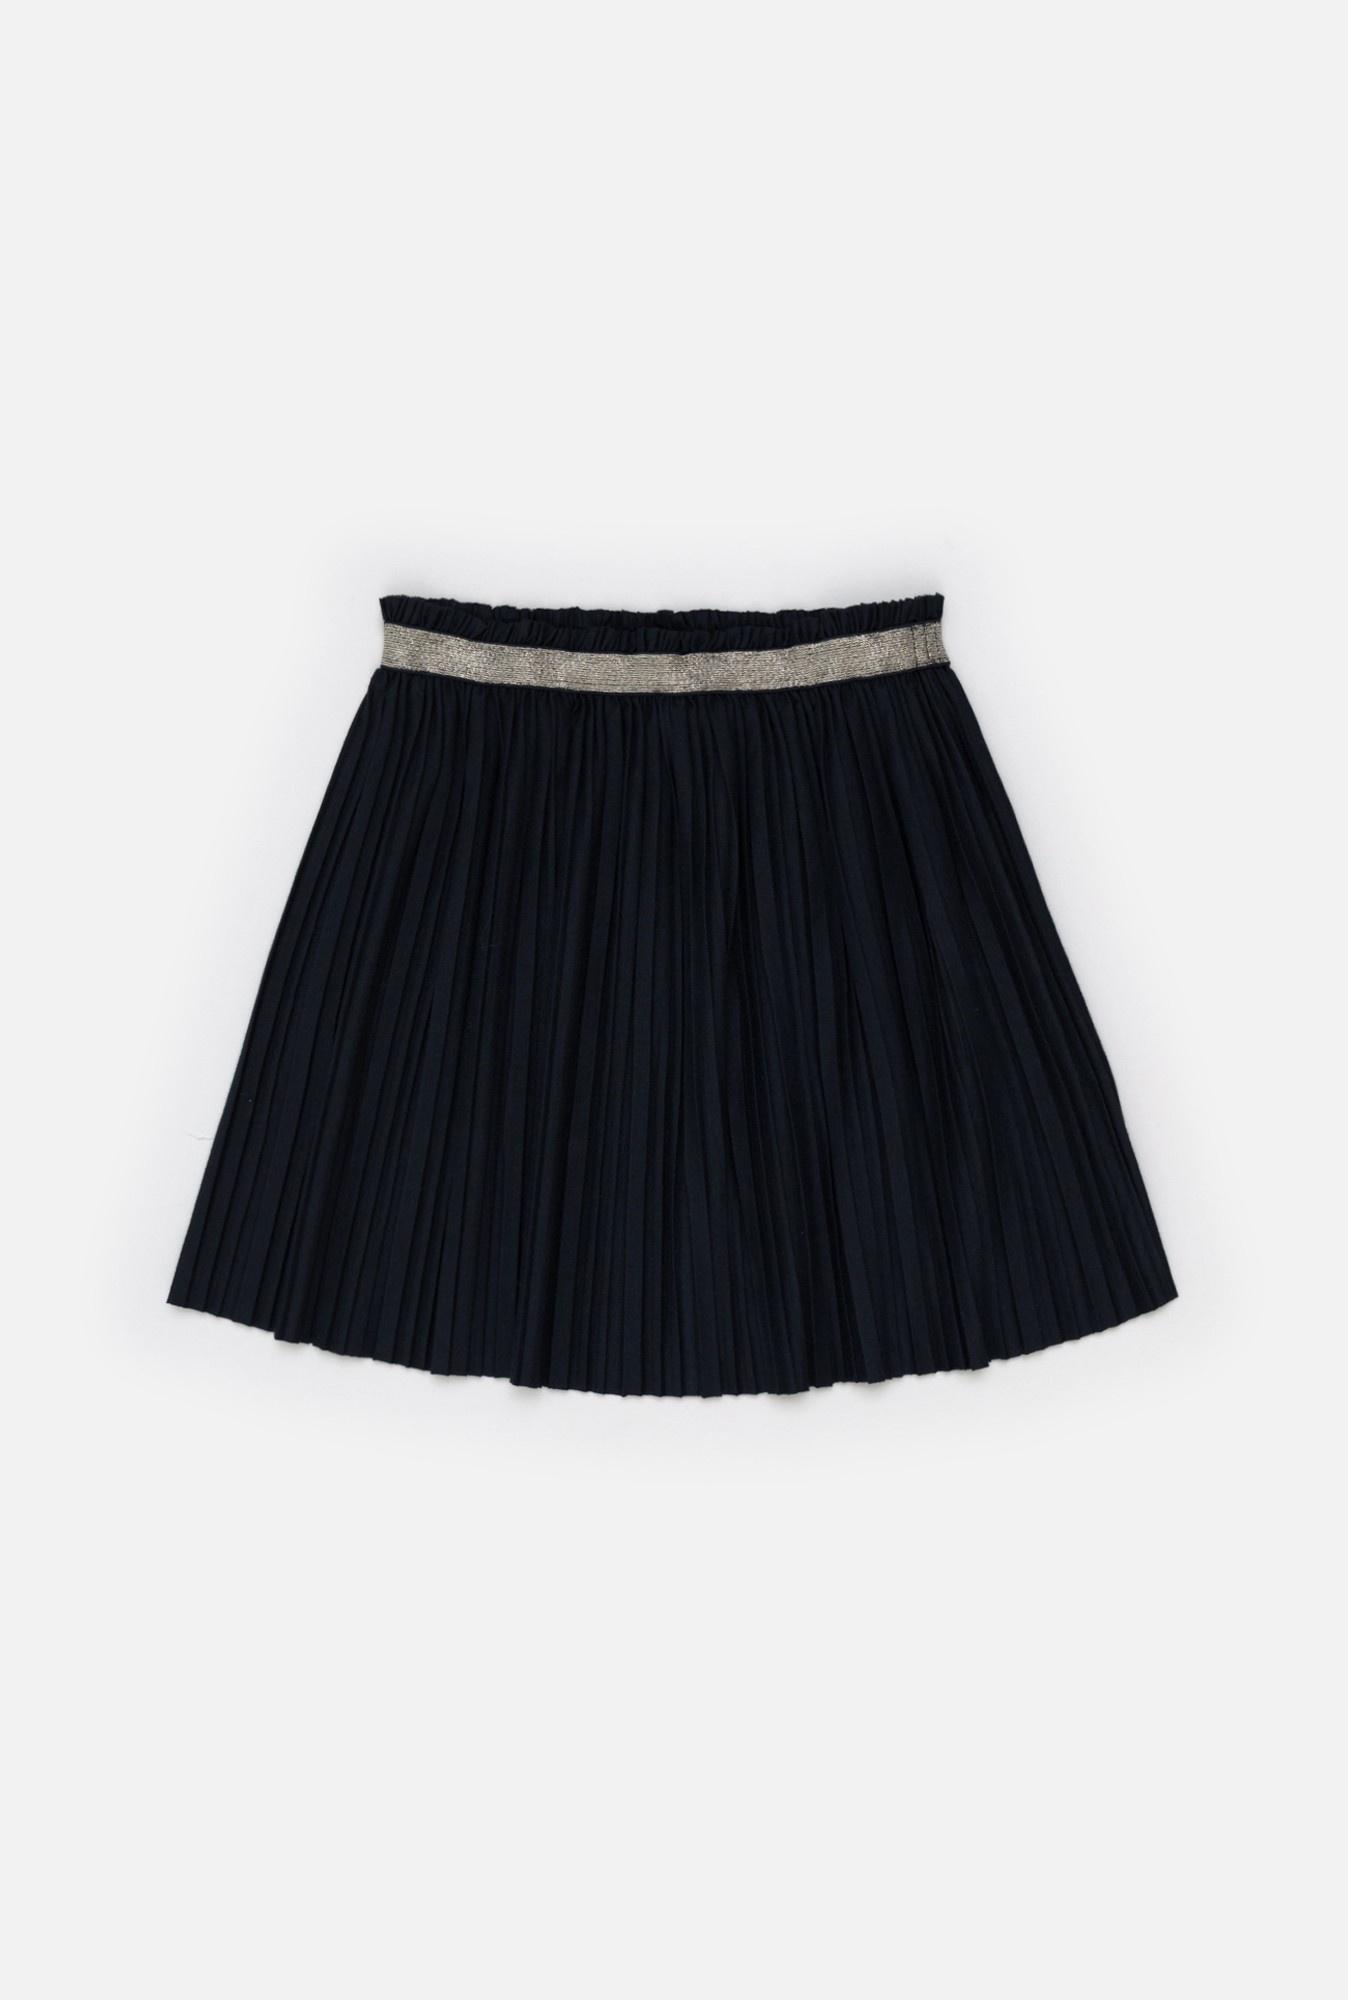 Юбка Acoola юбка для девочки acoola hoki цвет синий 20210180079 500 размер 158